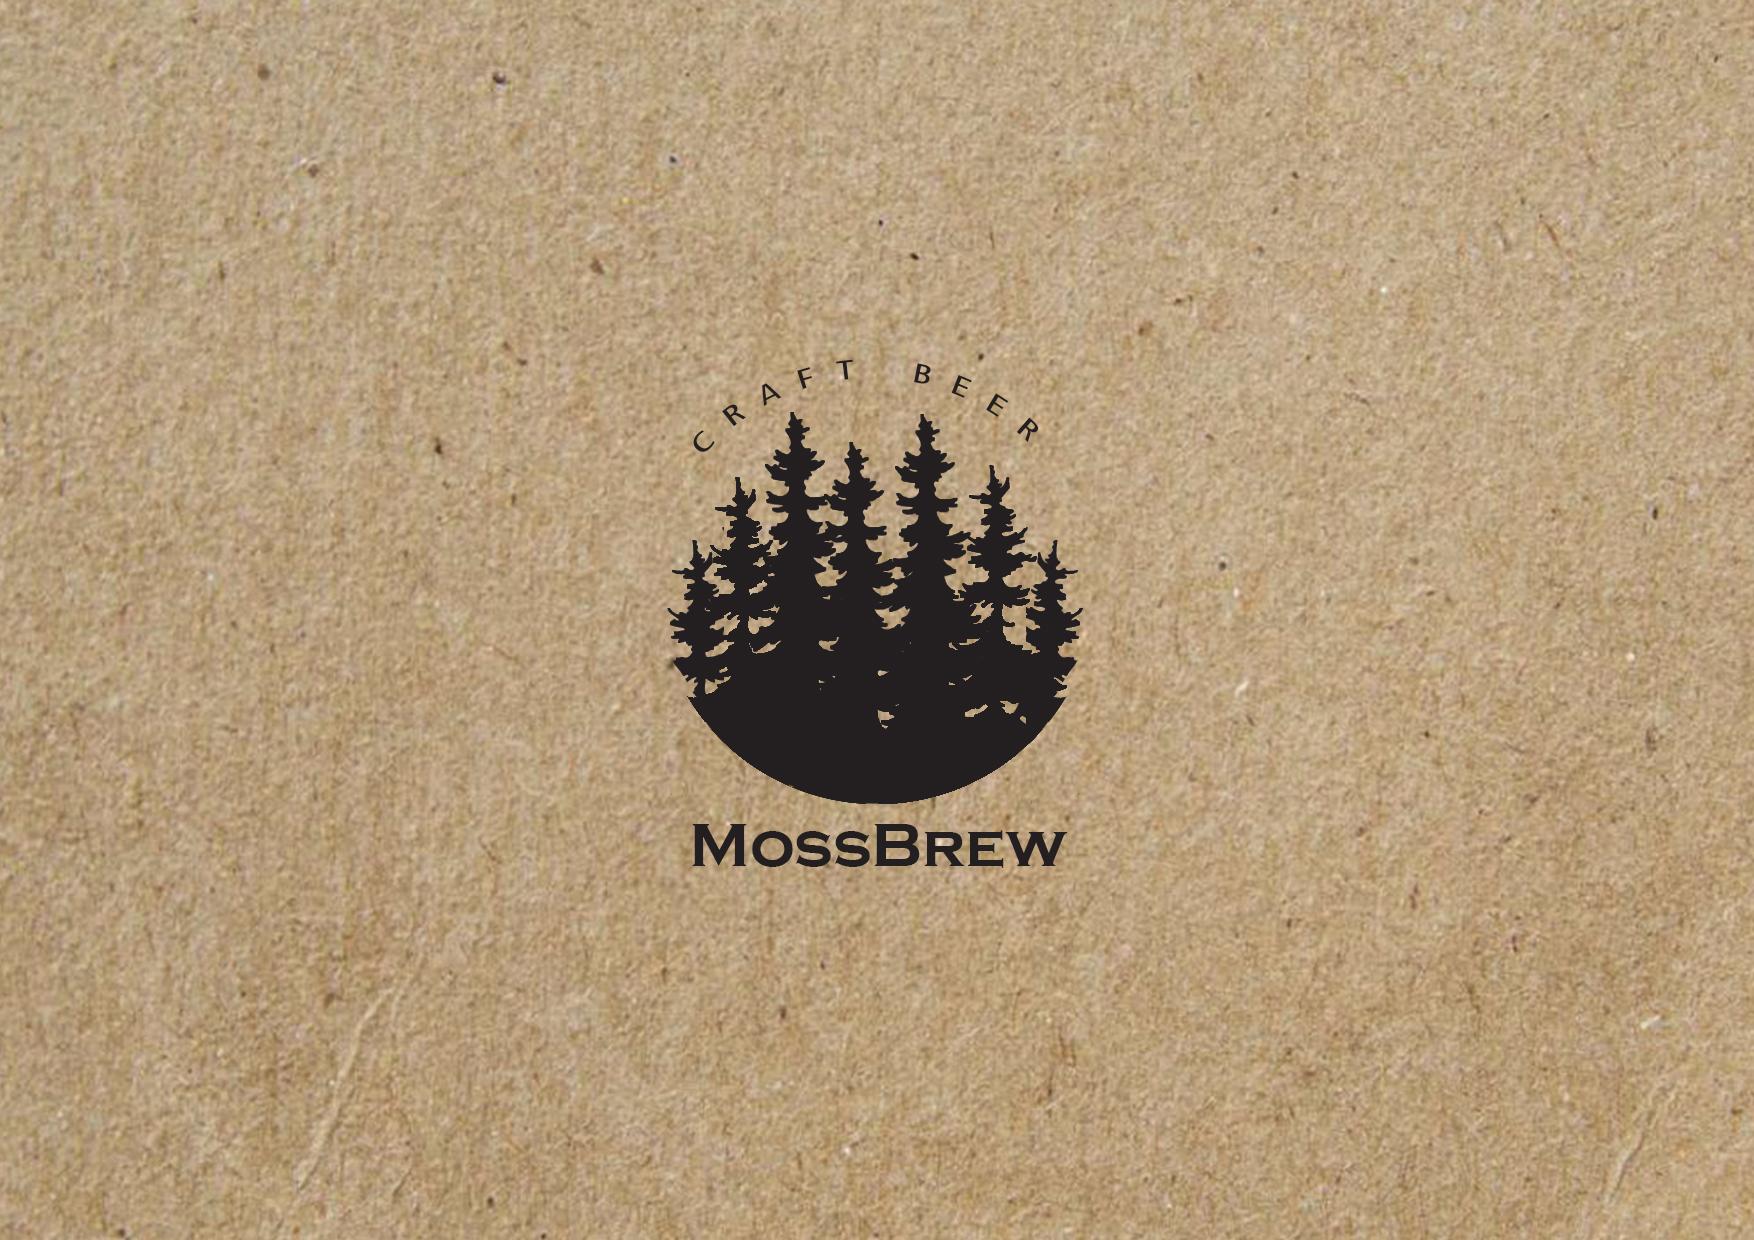 Логотип для пивоварни фото f_09459888bf9c4d44.jpg